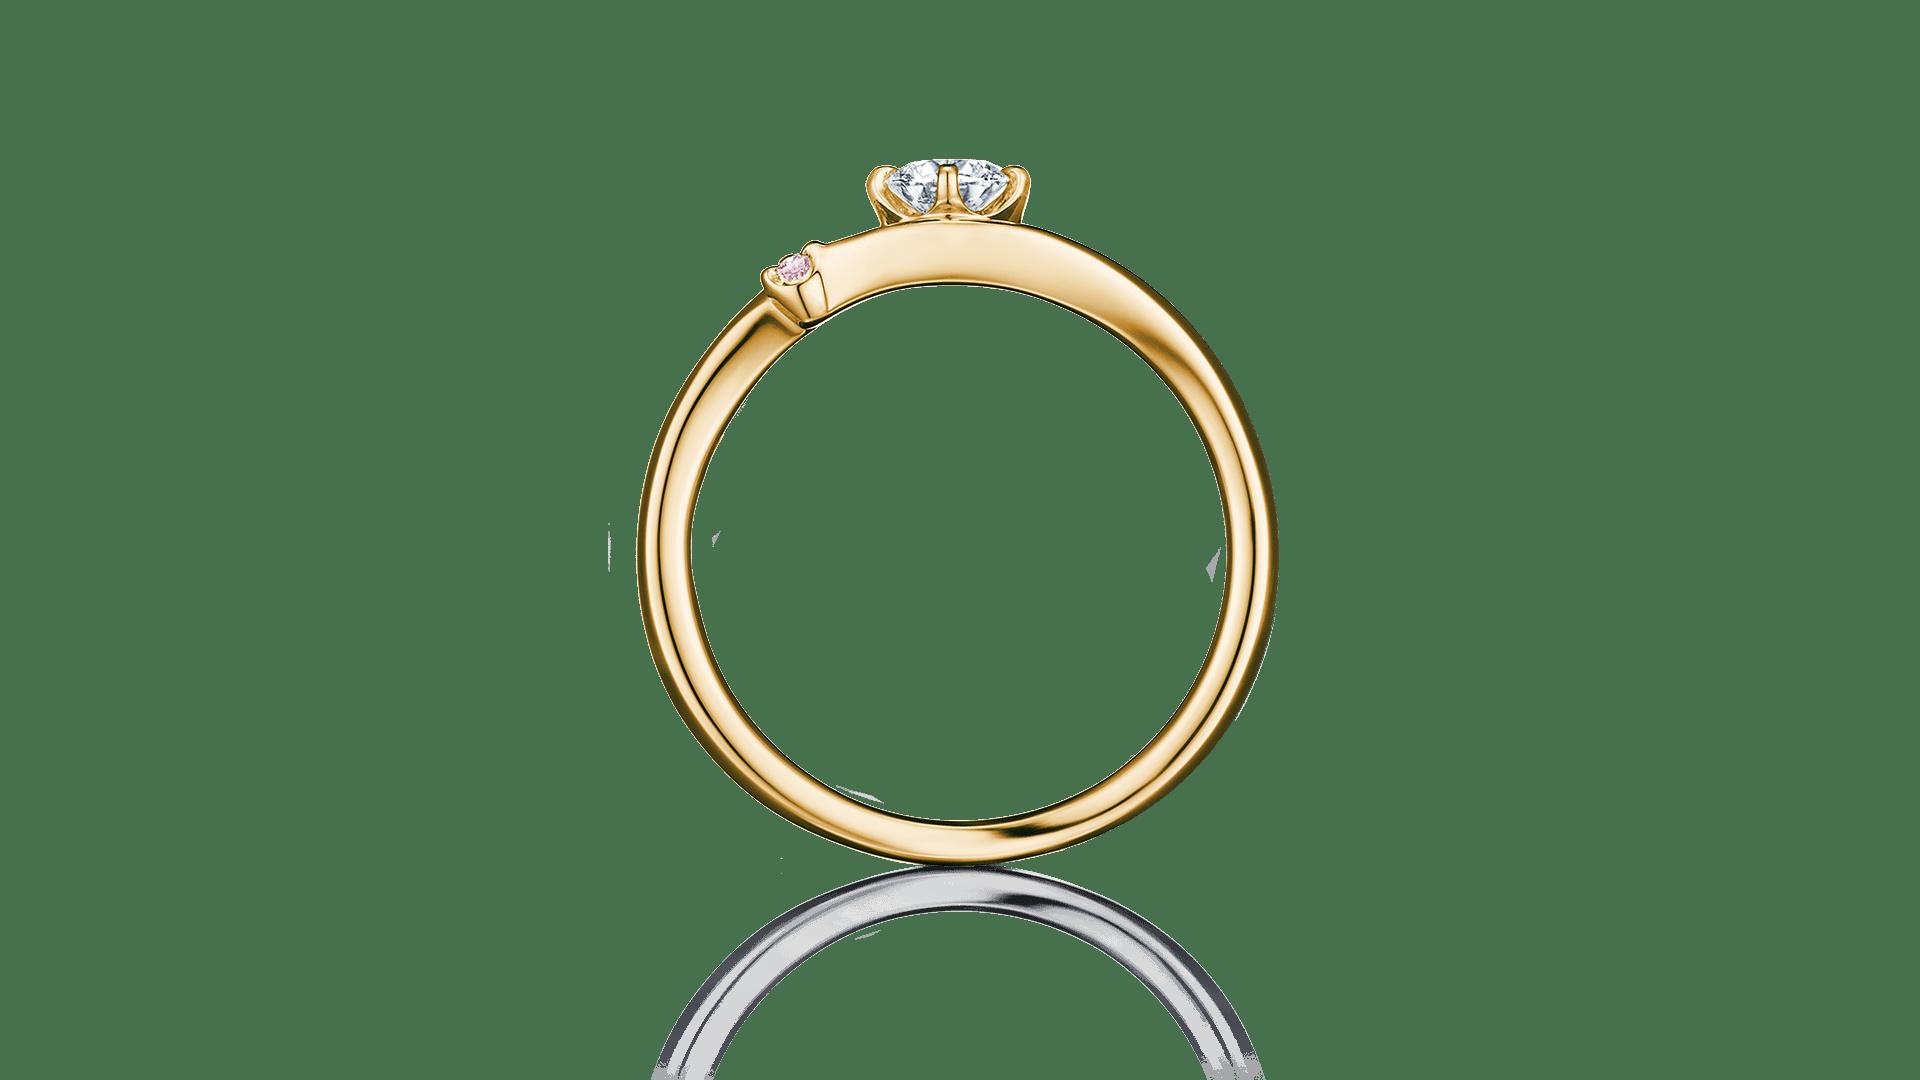 spica スピカ   婚約指輪サムネイル 2